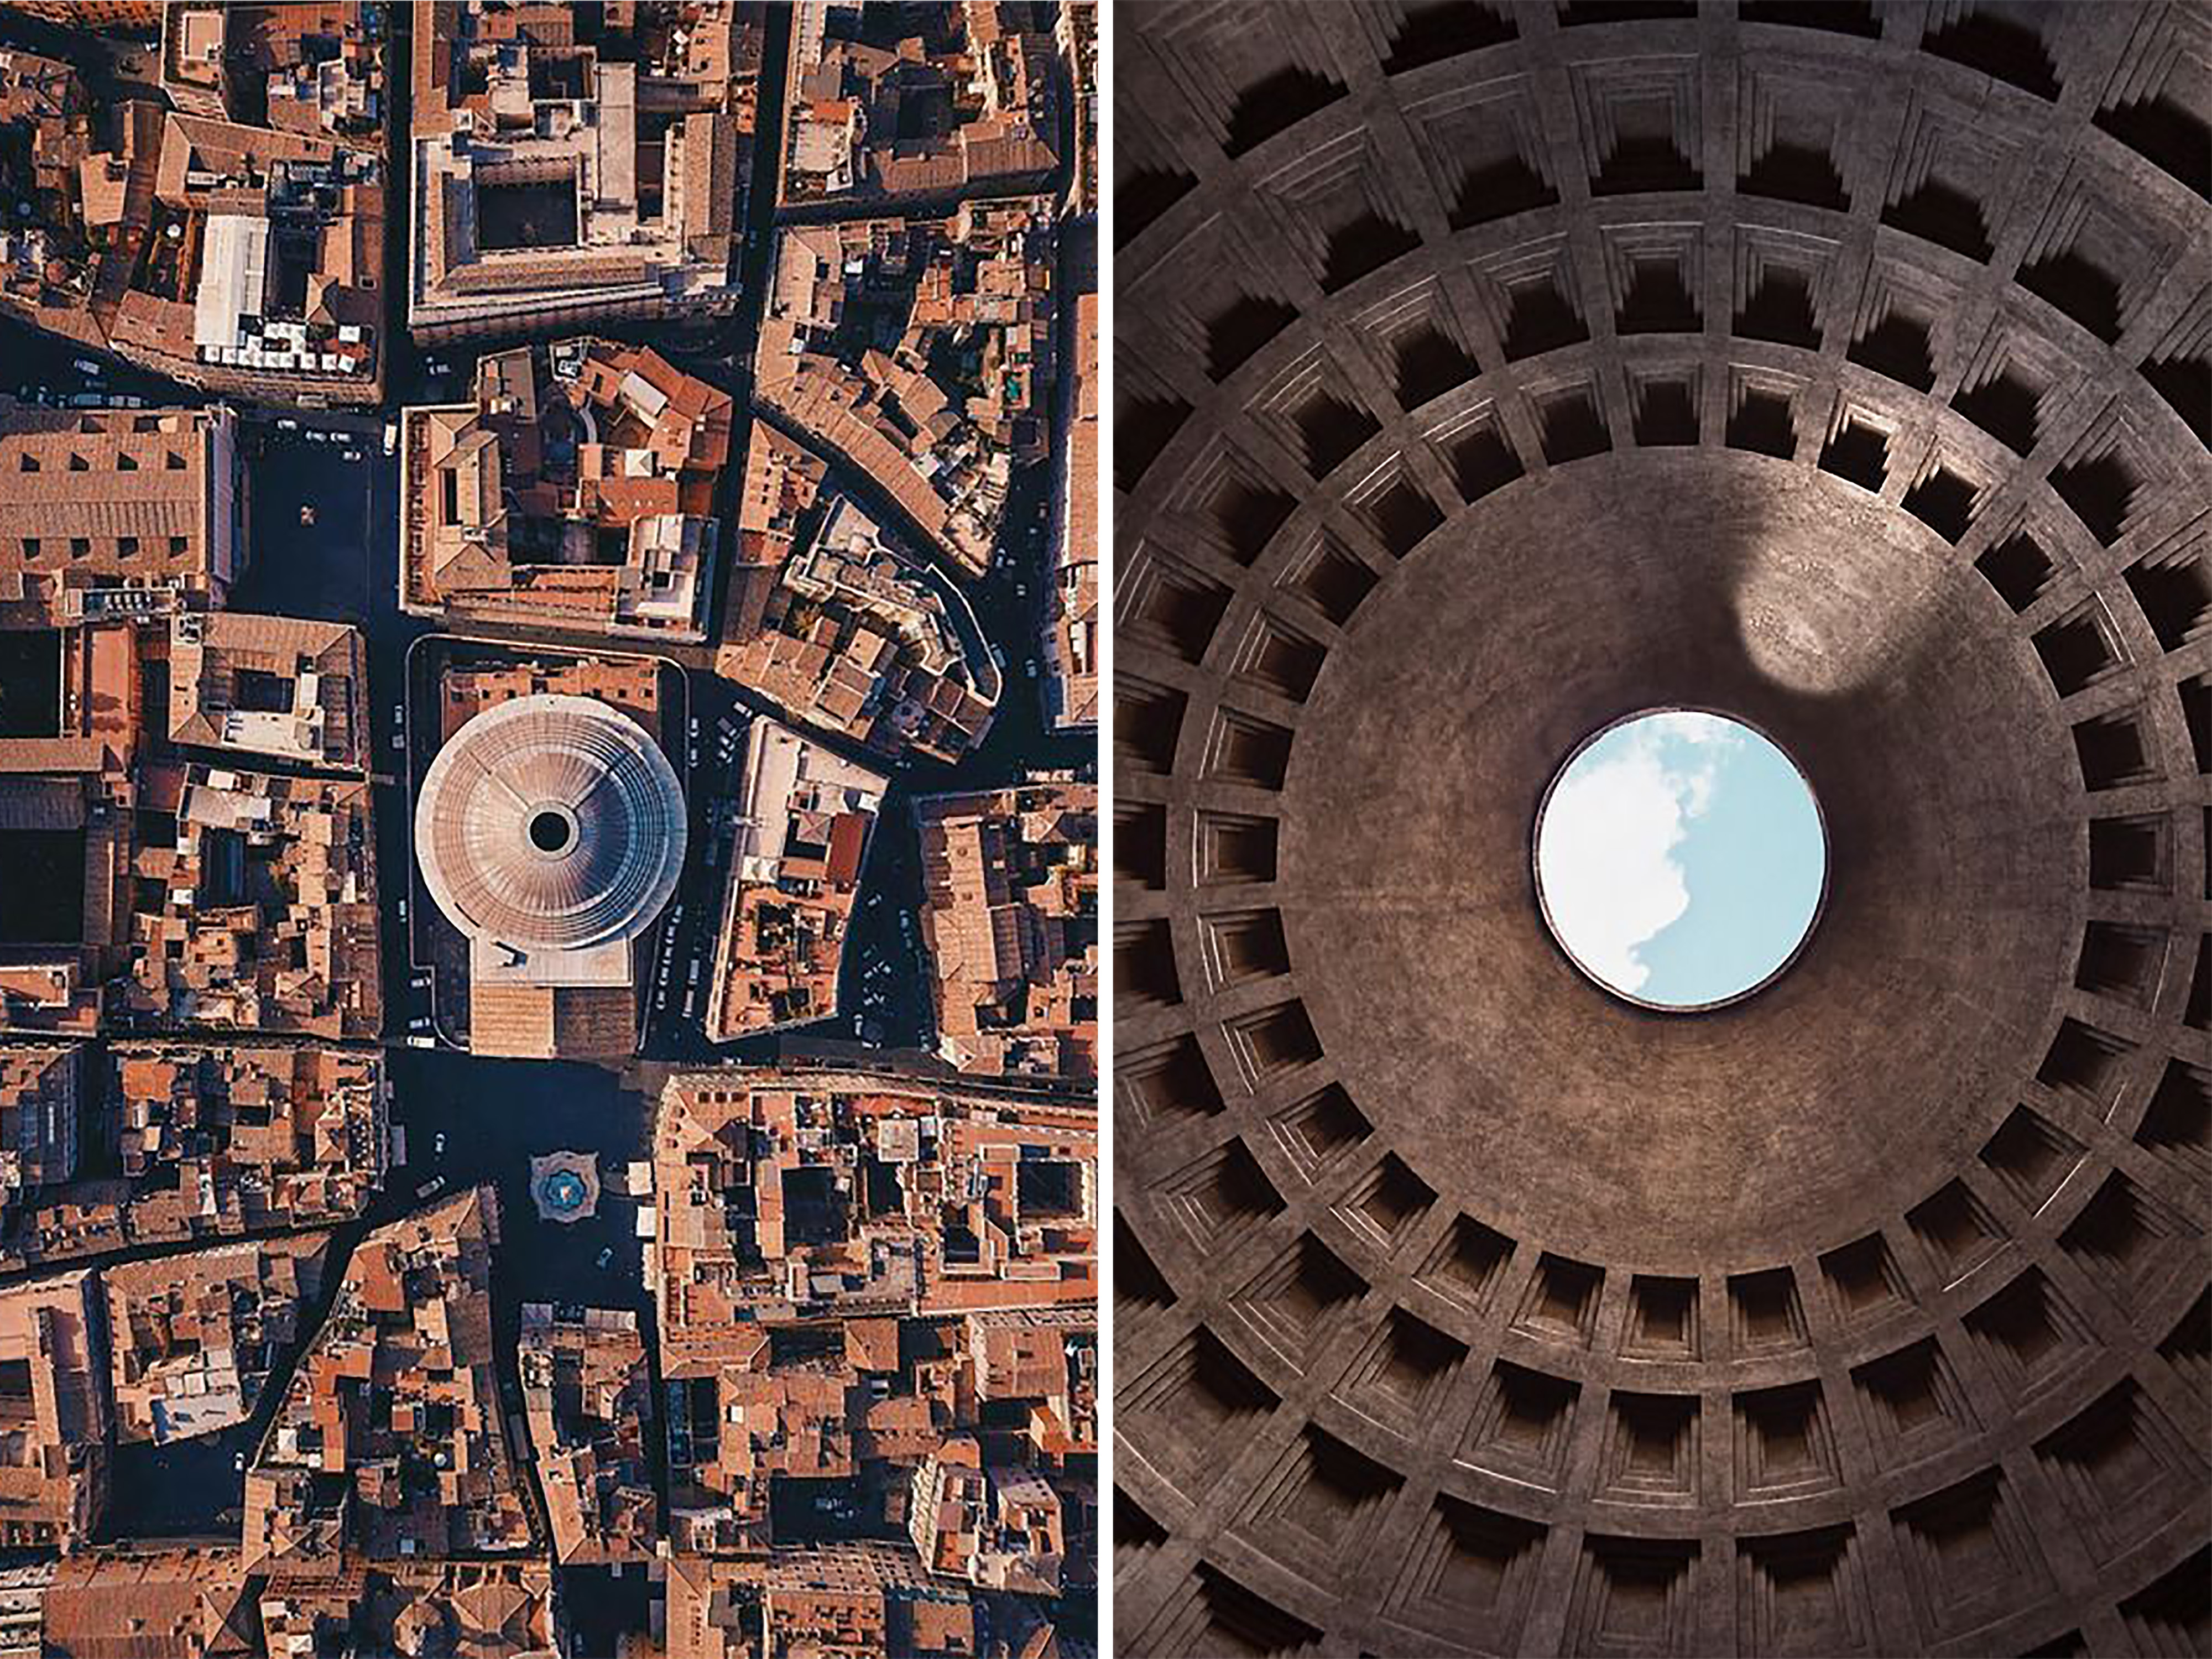 pantheon_roma_beton_kupola_epiteszet.jpg